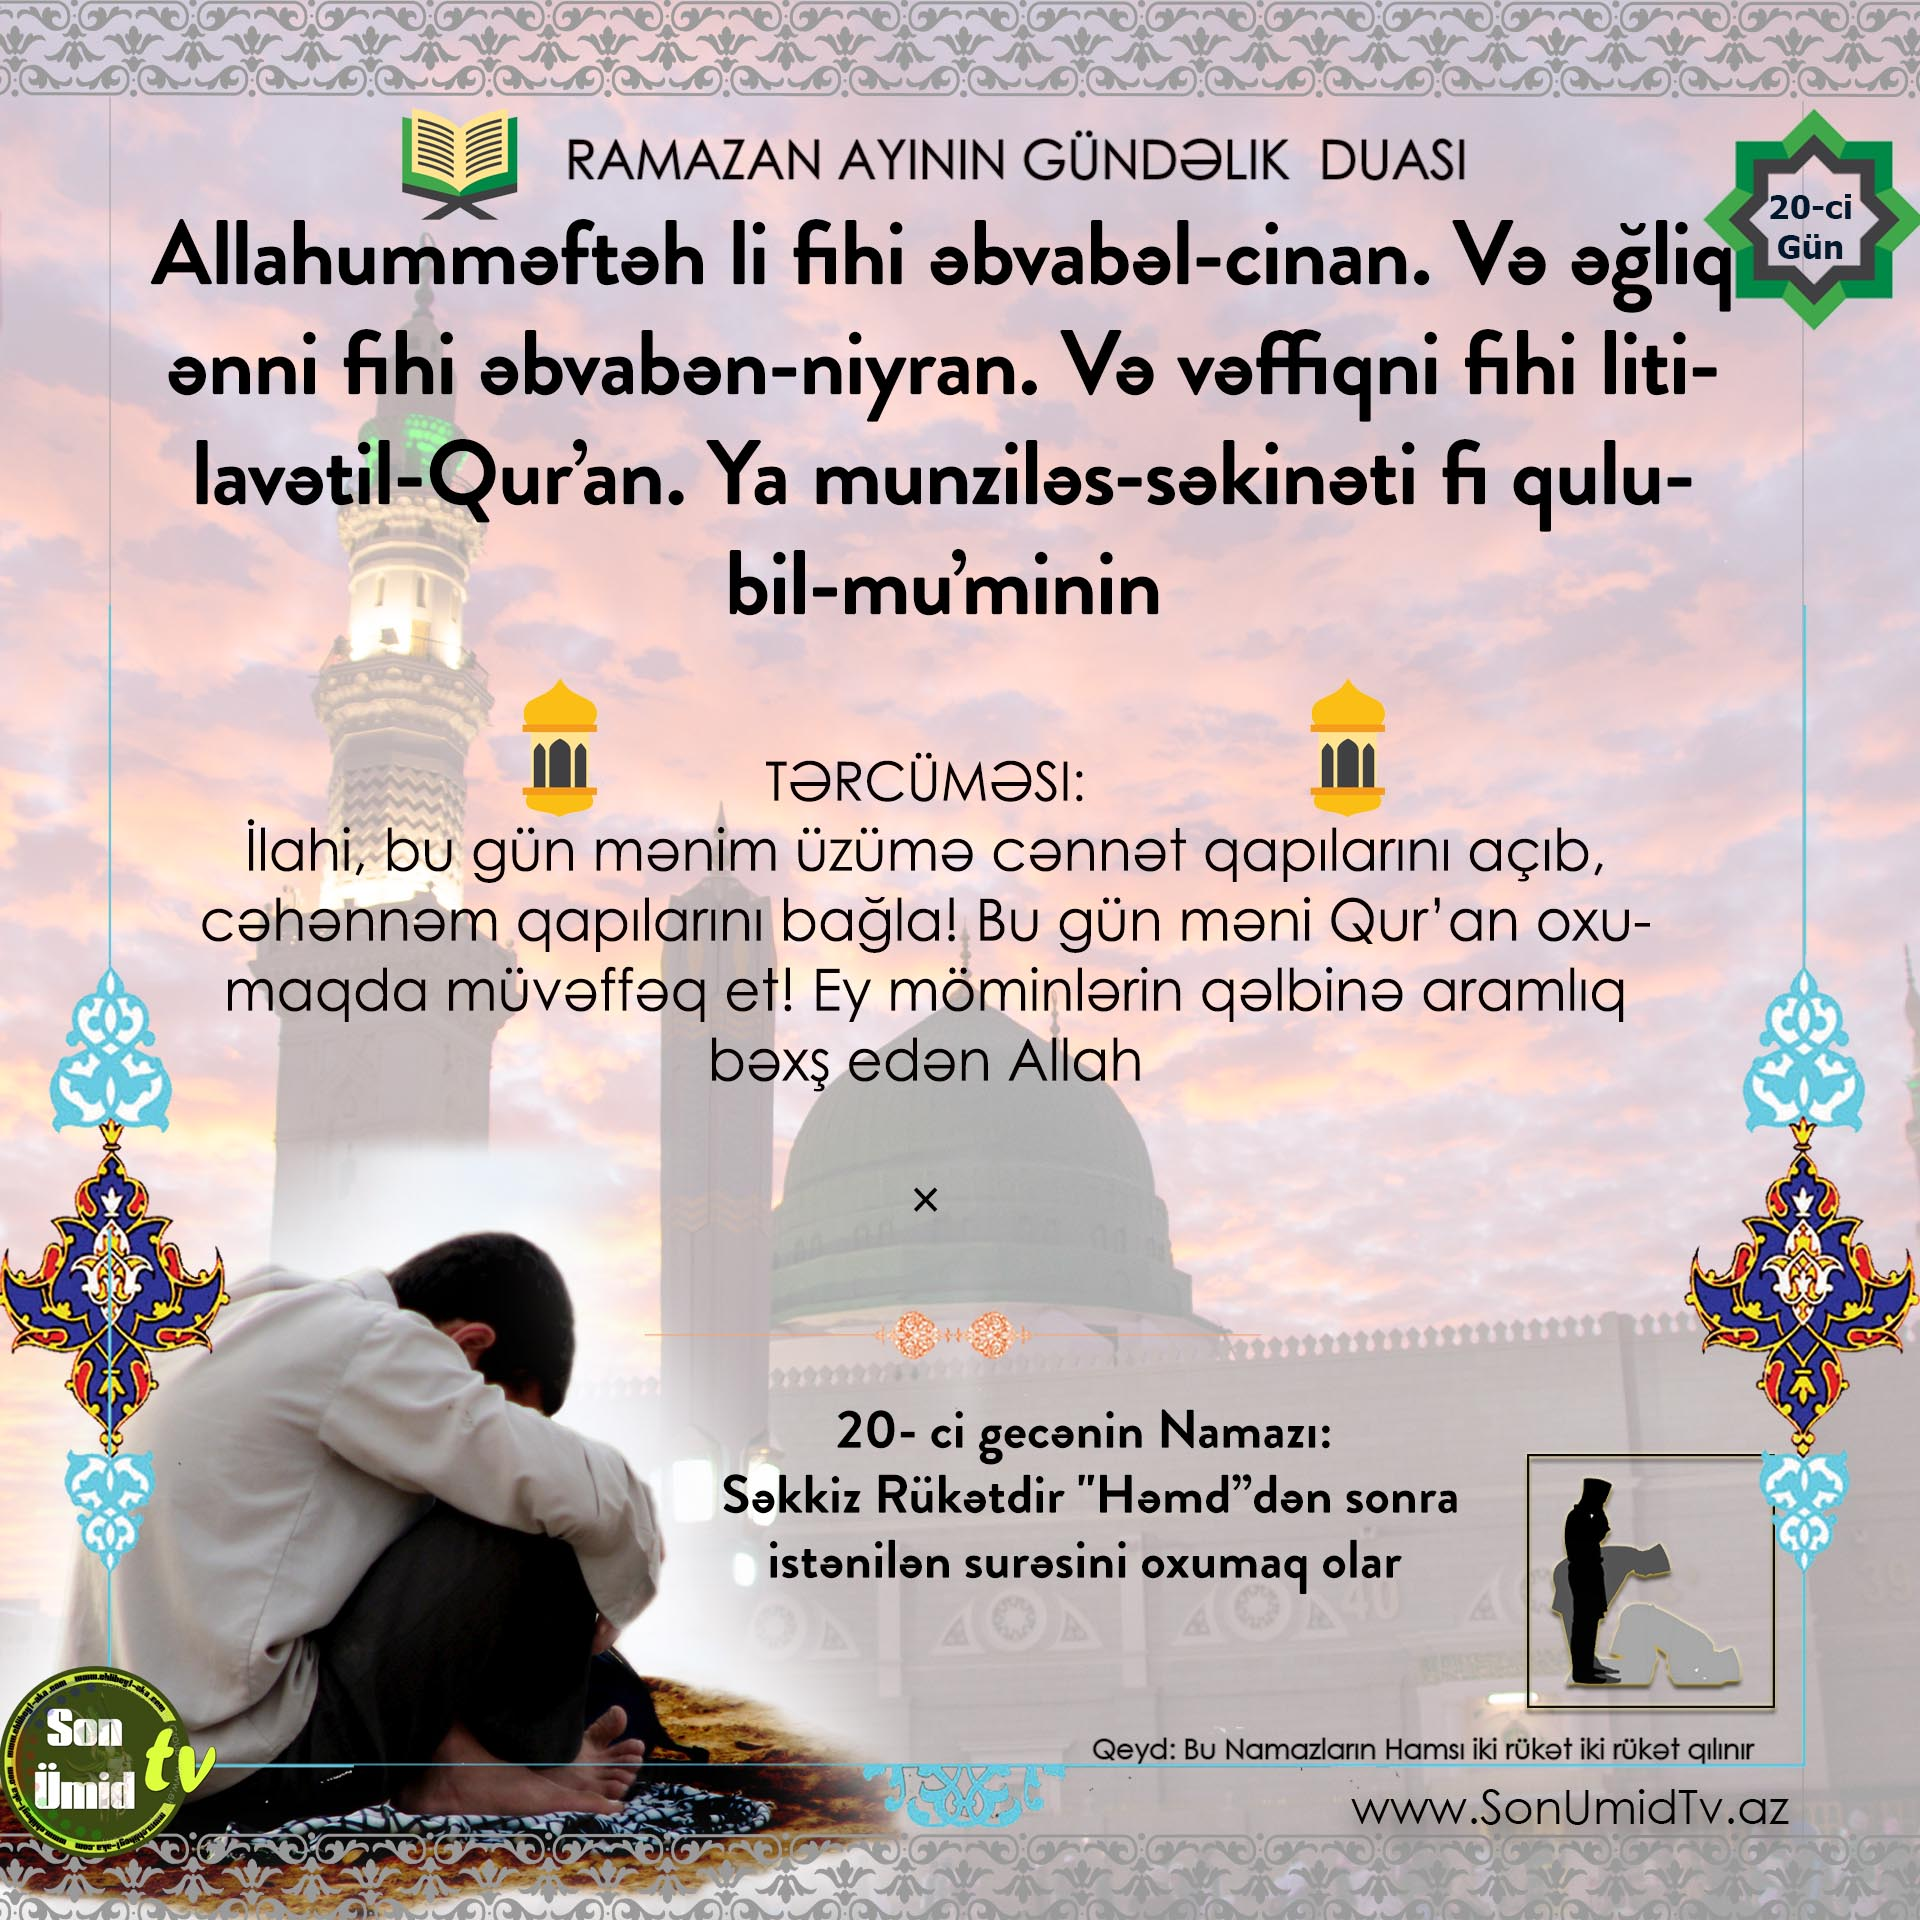 Ramazan  20-ci gününün duası və Namazı